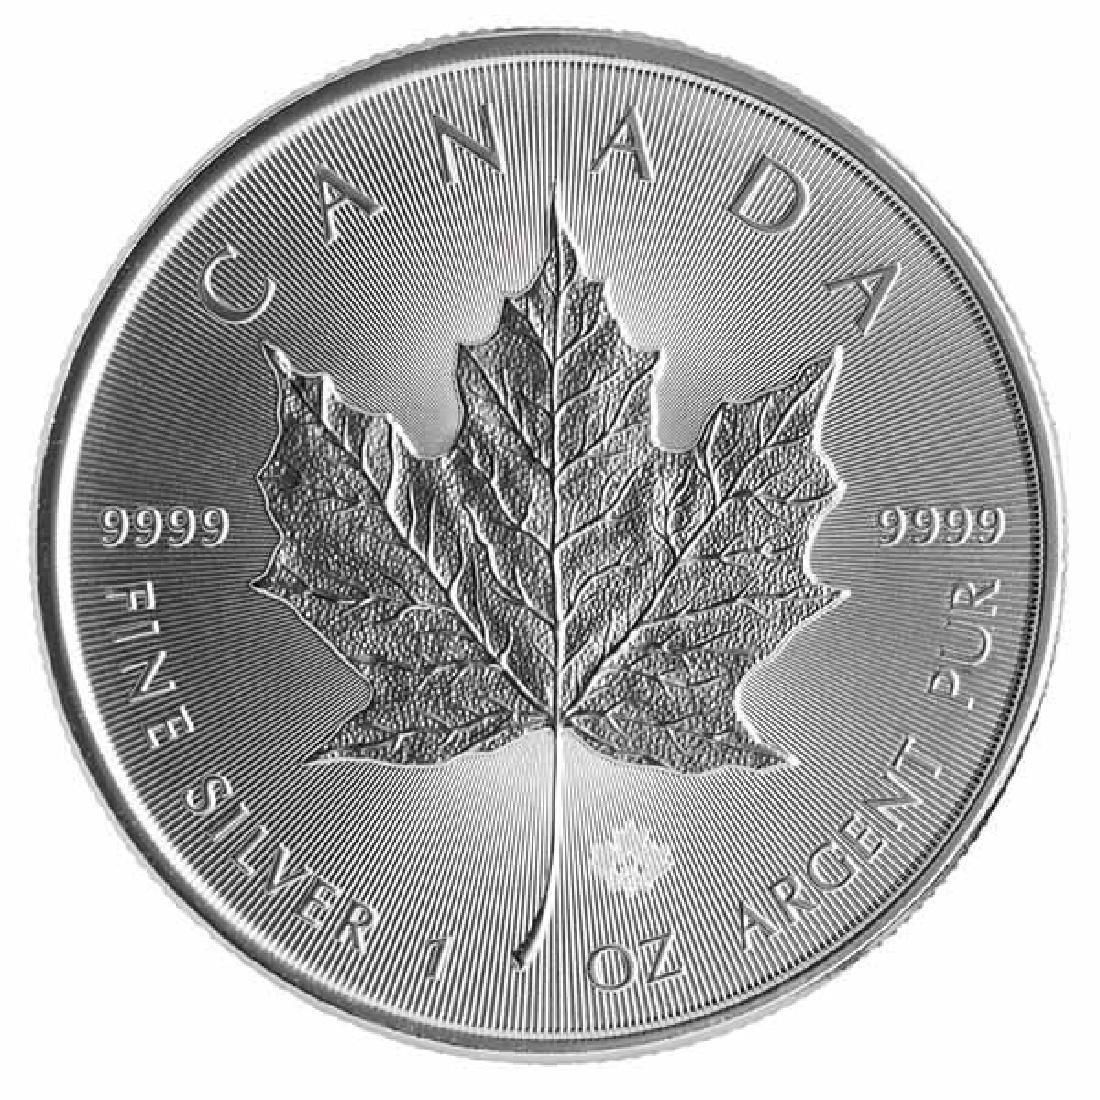 2014 Silver Maple Leaf 1 oz Uncirculated